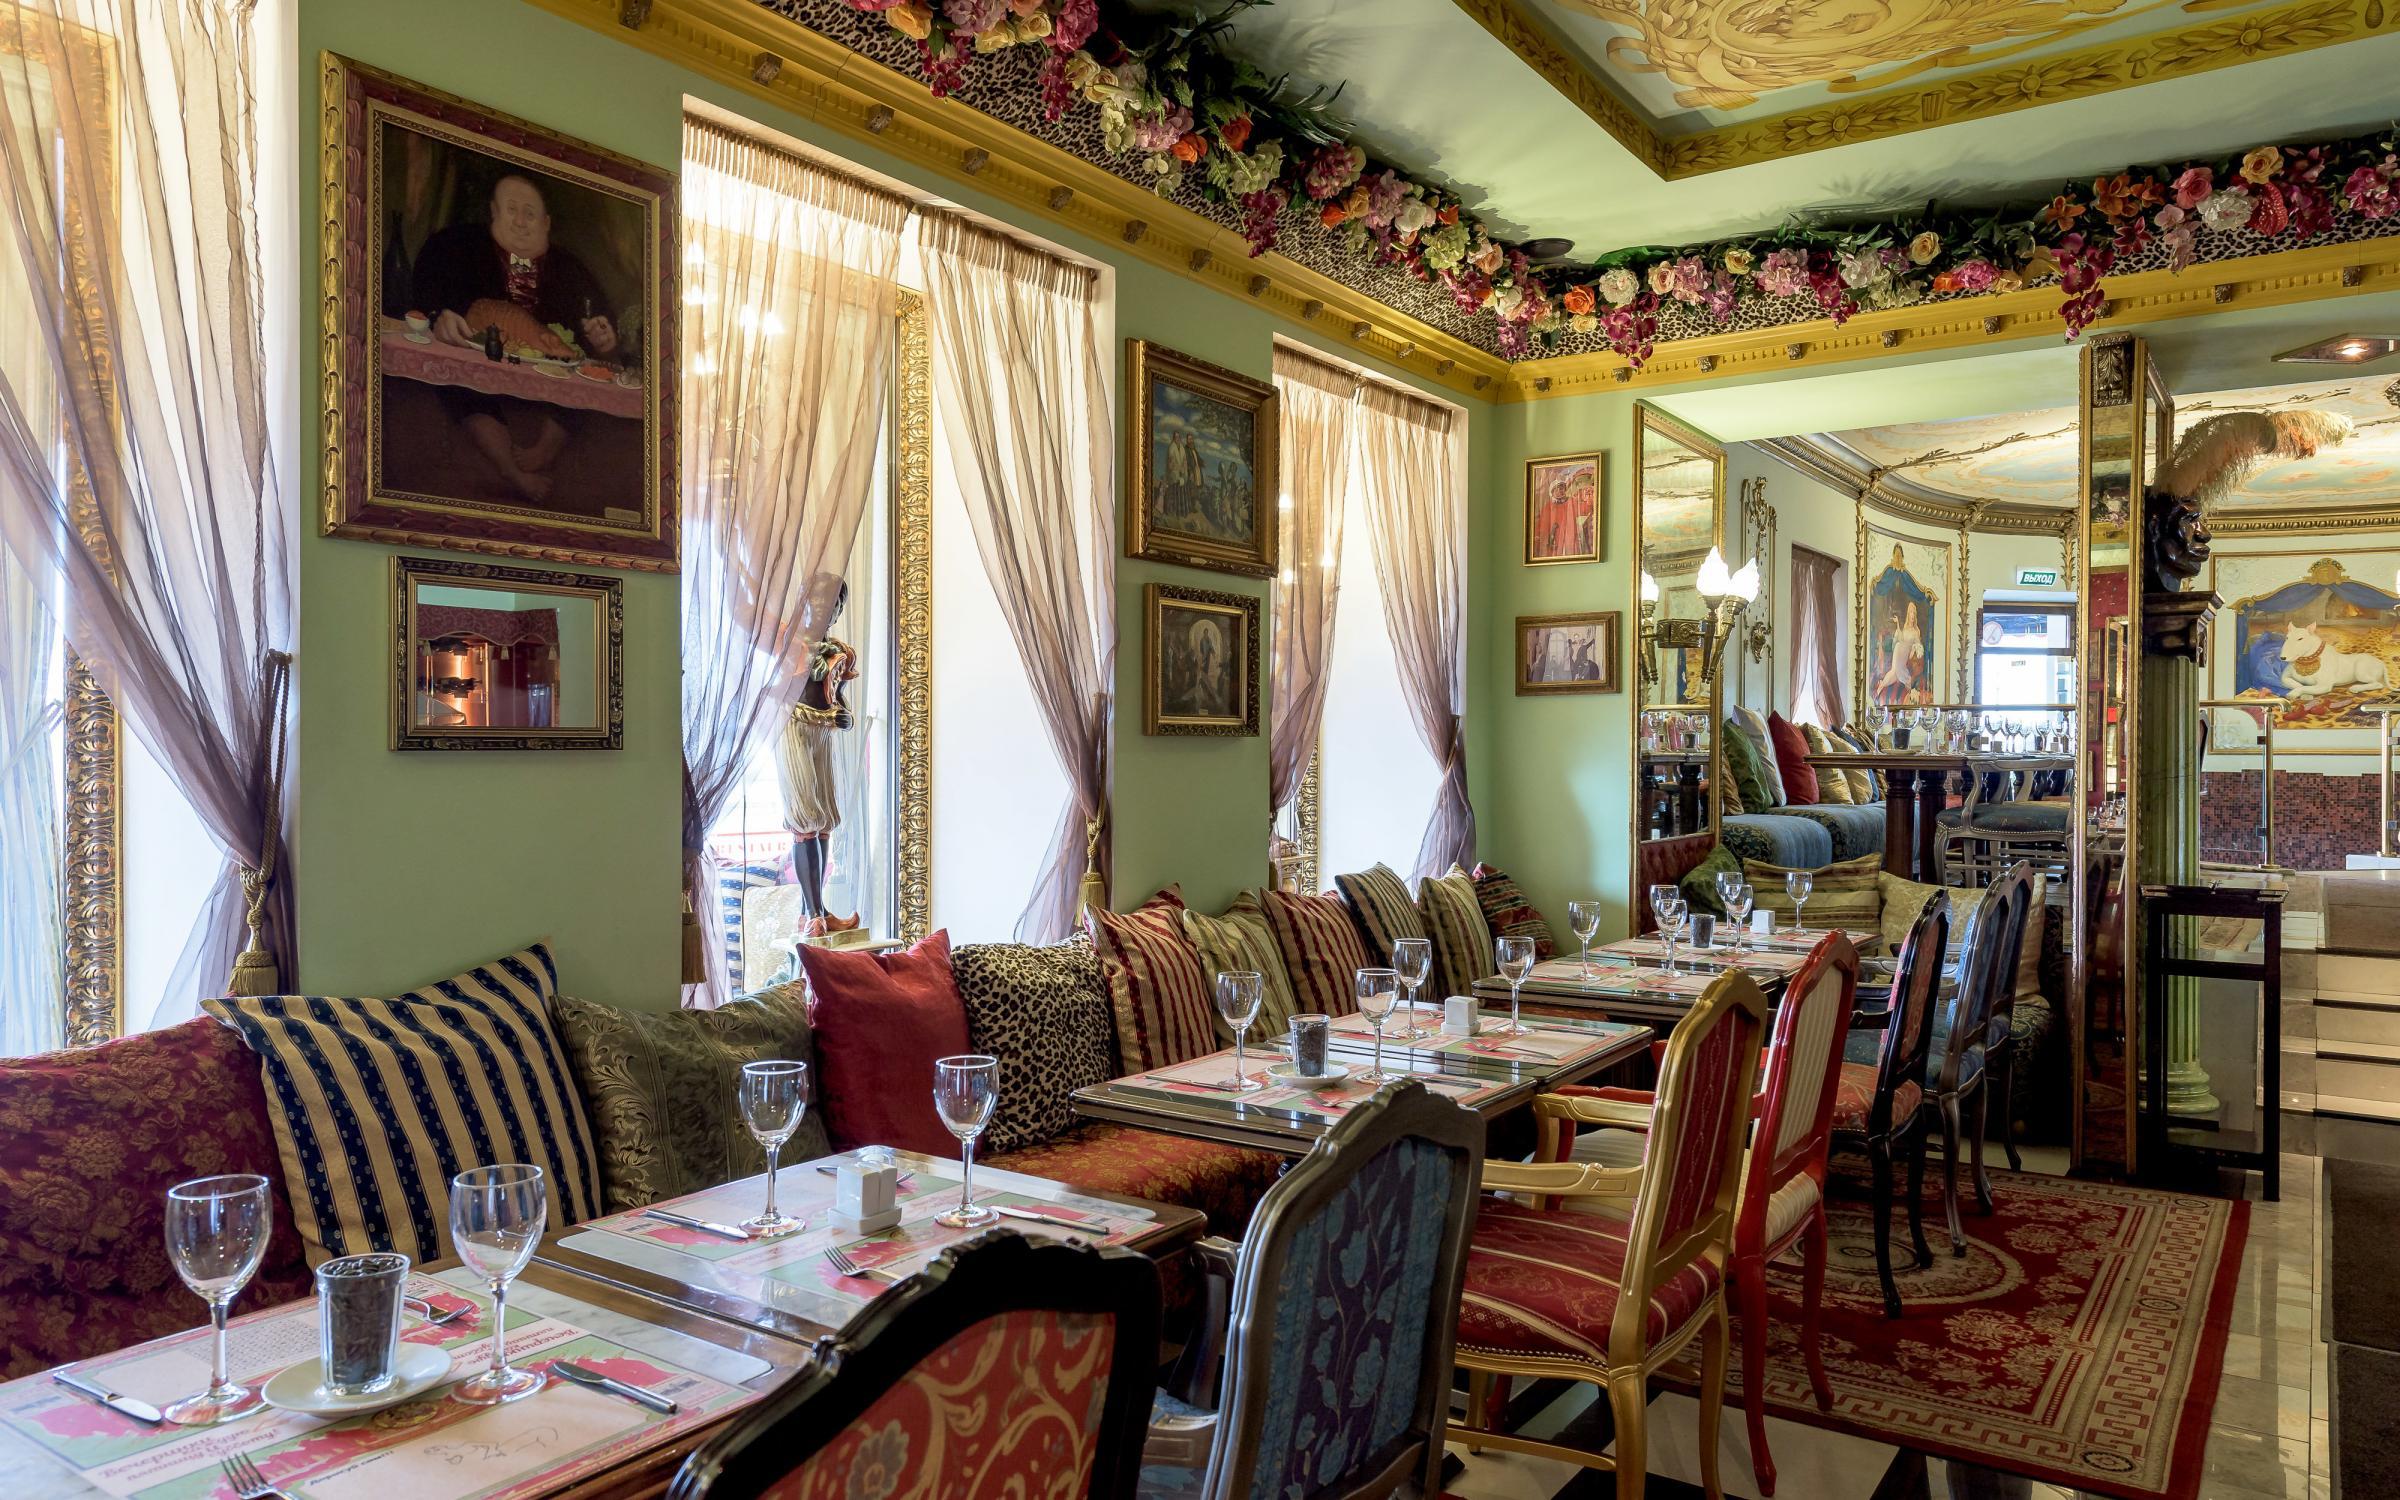 Фотография: Ресторан Русский китч